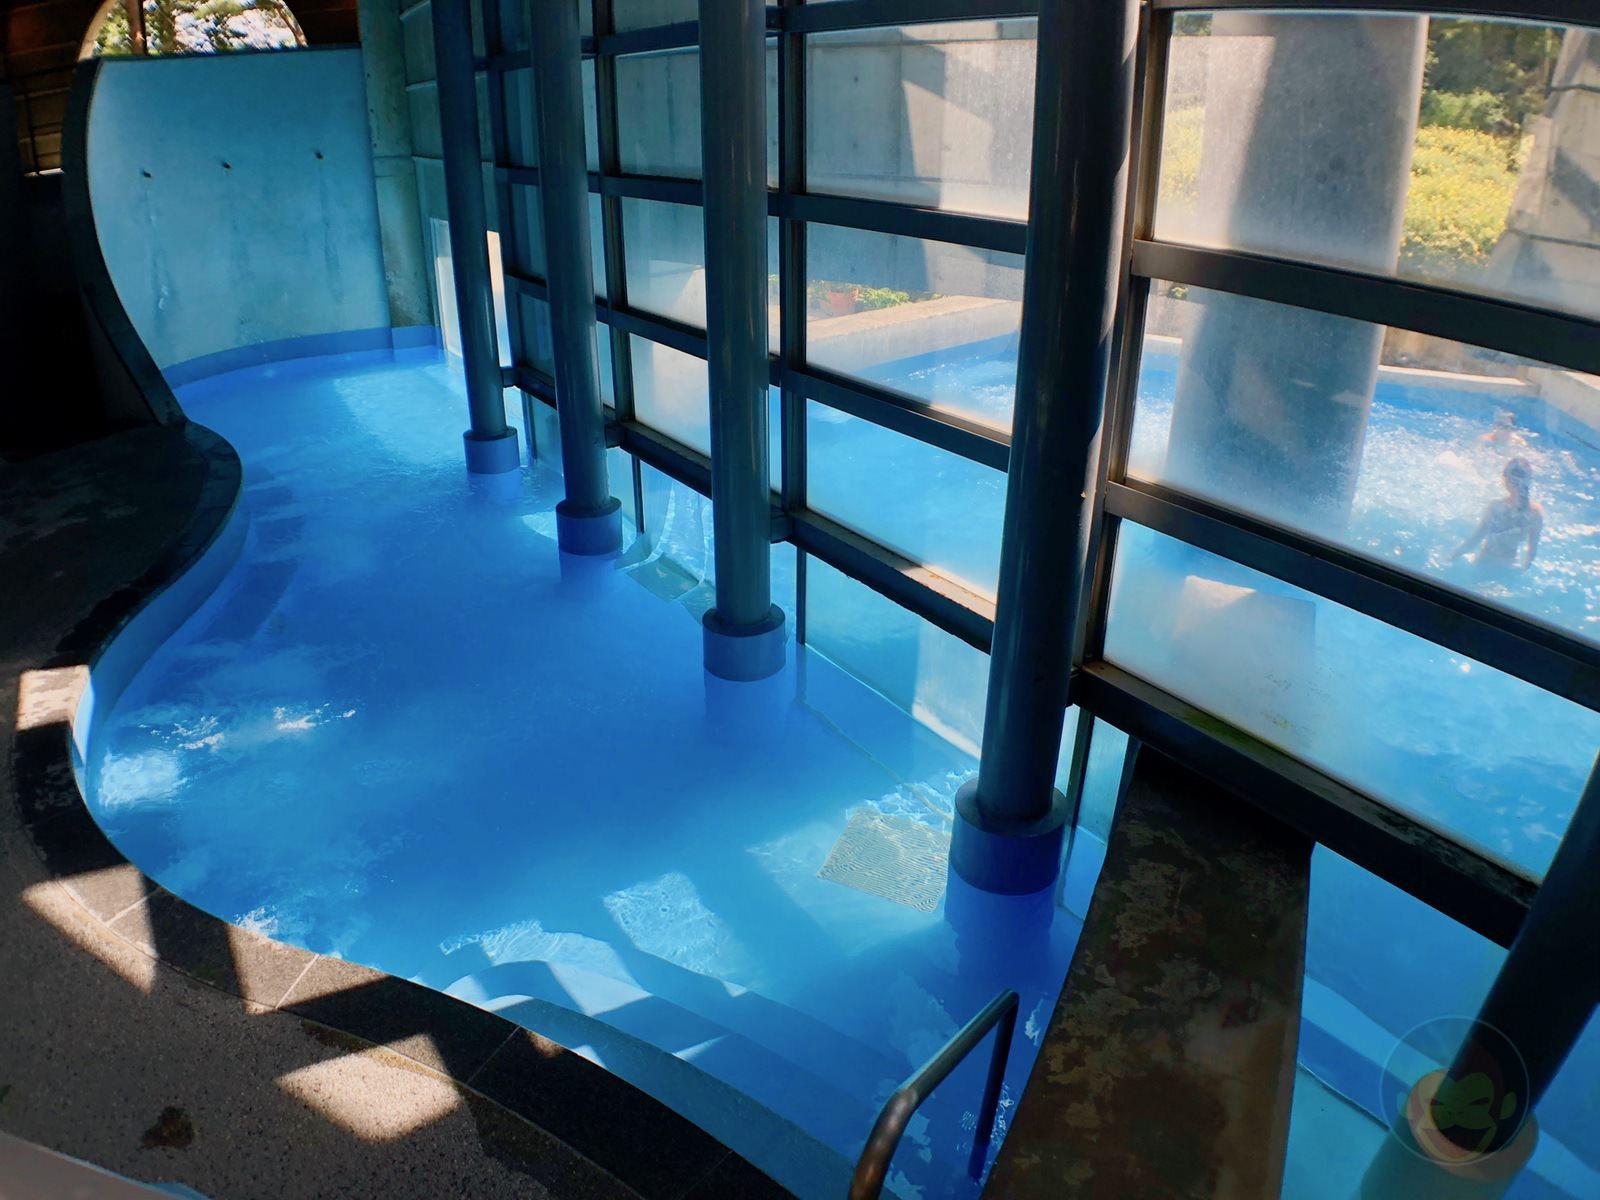 Hoshino Resonalre Yatsugatake Pool 16